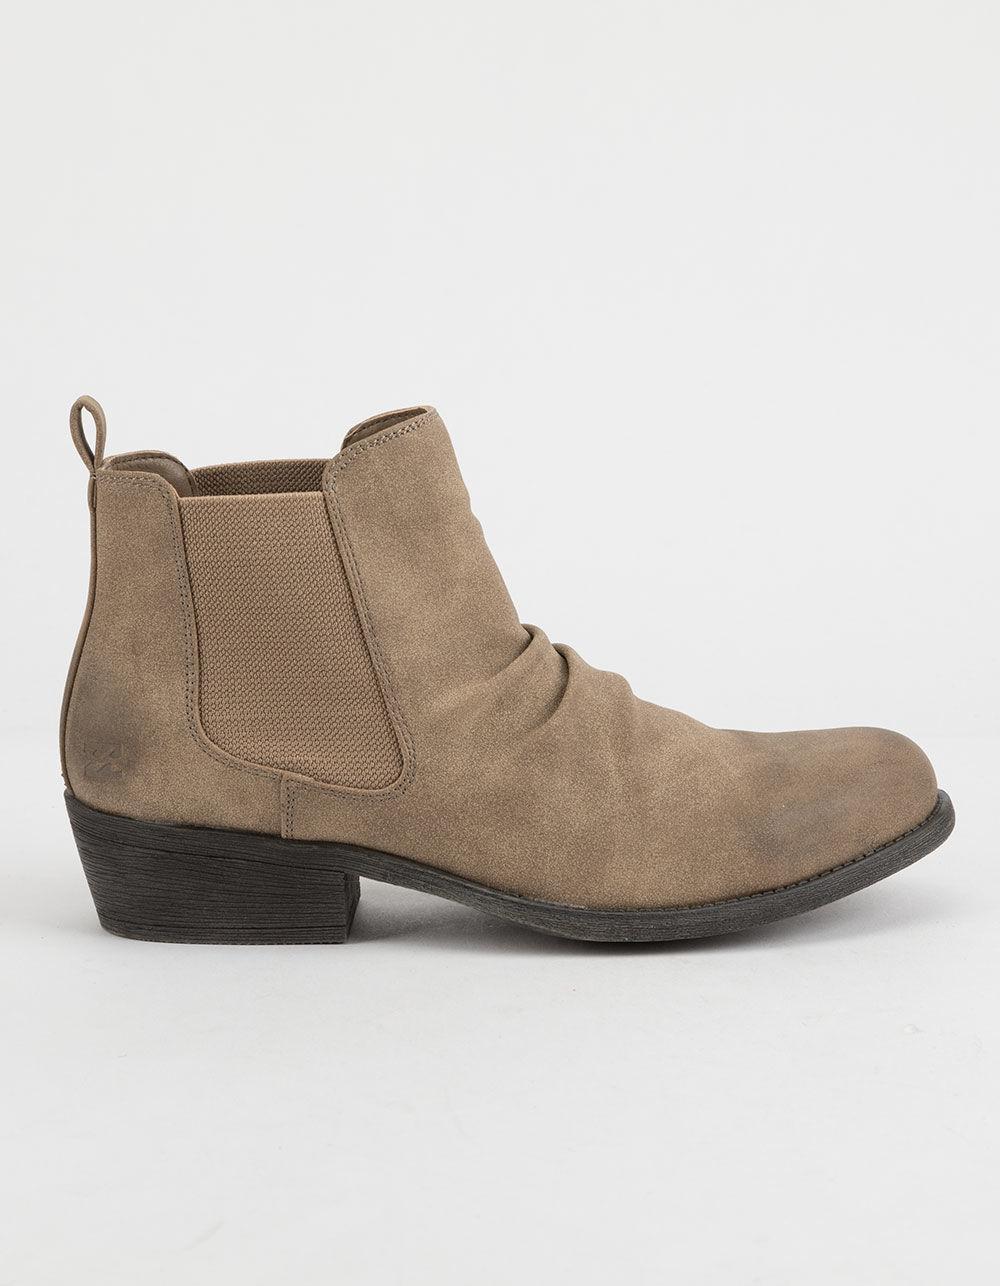 Surrender Sweet Ankle Sweet Sweet Ankle Surrender Surrender Boot Sweet Boot Ankle Surrender Boot PZuXik